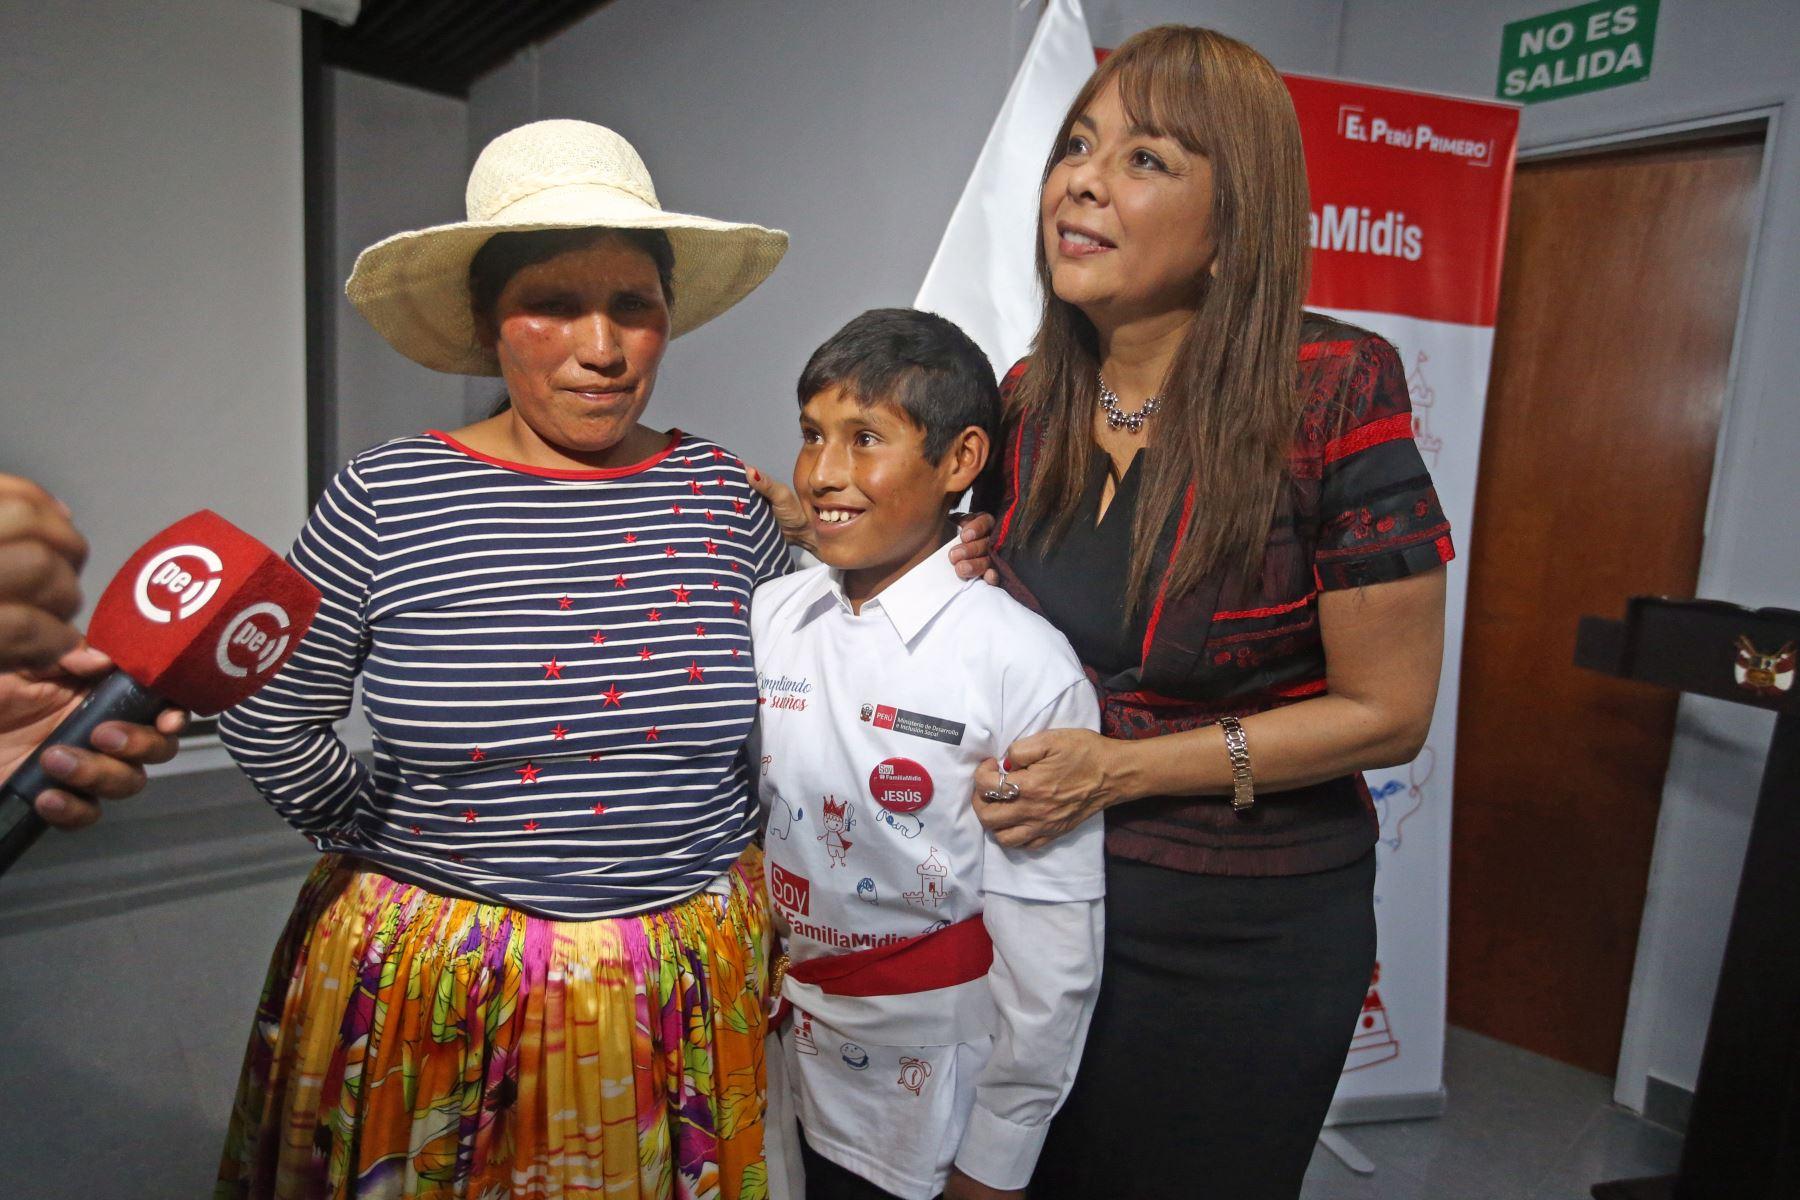 La ministra de Desarrollo e Inclusión Social, Liliana La Rosa, nombró ministro por un día al niño Jesús Mamani Ramos de Puno. Foto: ANDINA/Vidal Tarqui